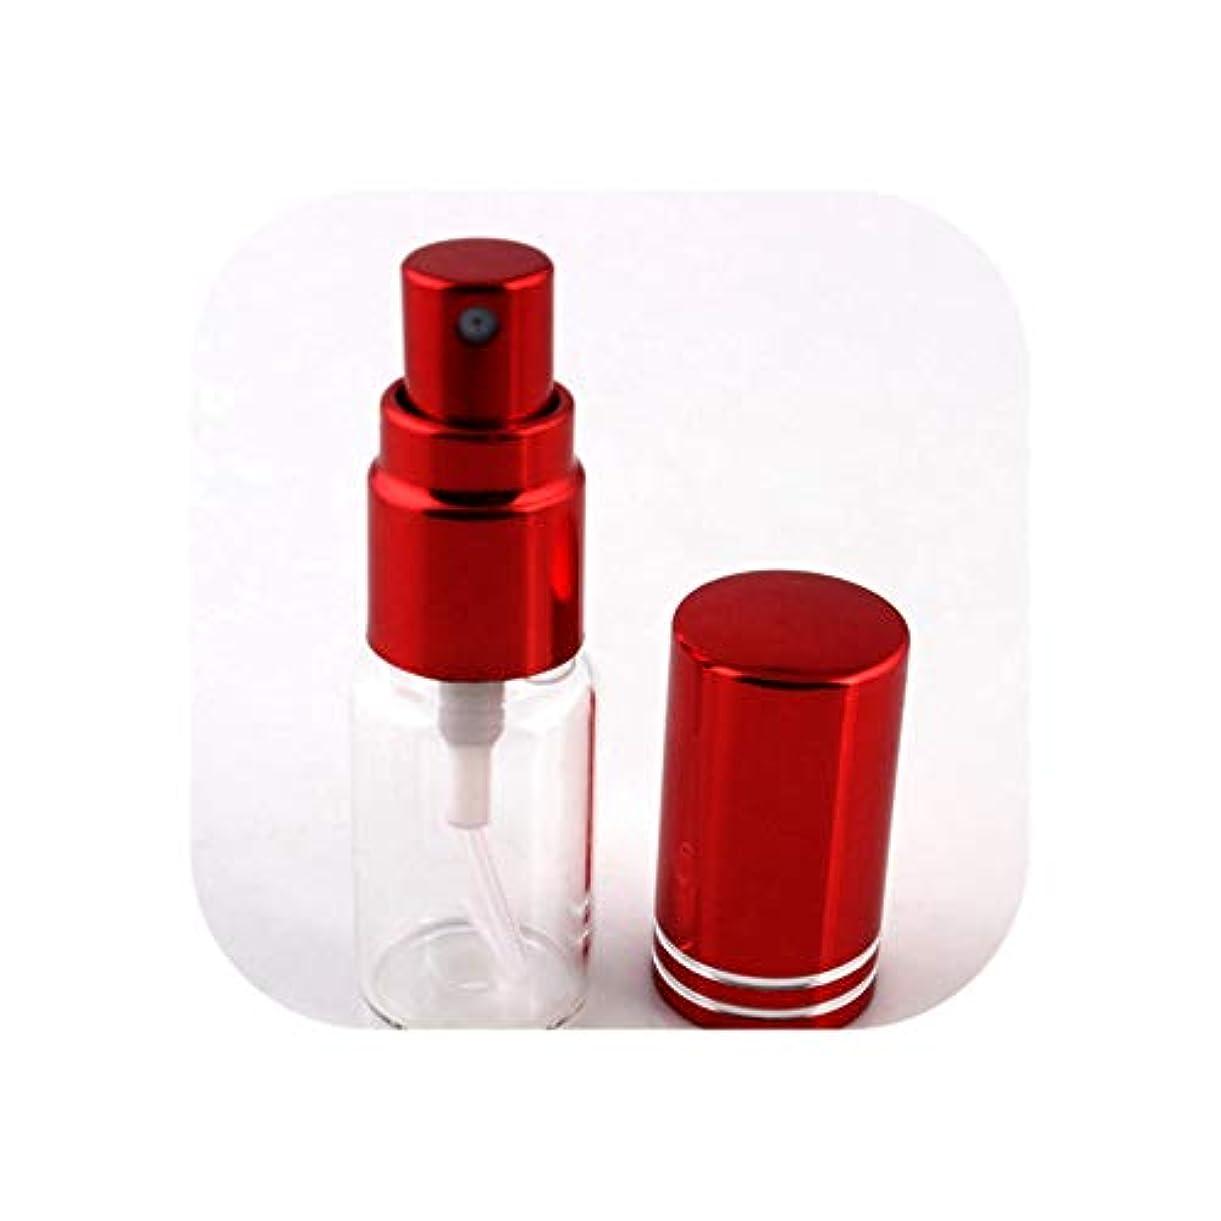 ハント独立してコーヒー旅行のためのアトマイザー空の化粧品容器でスプレー、RD-Lとの1pcsは5ミリリットル/ 10MLポータブルカラフルなガラスの詰め替え香水瓶